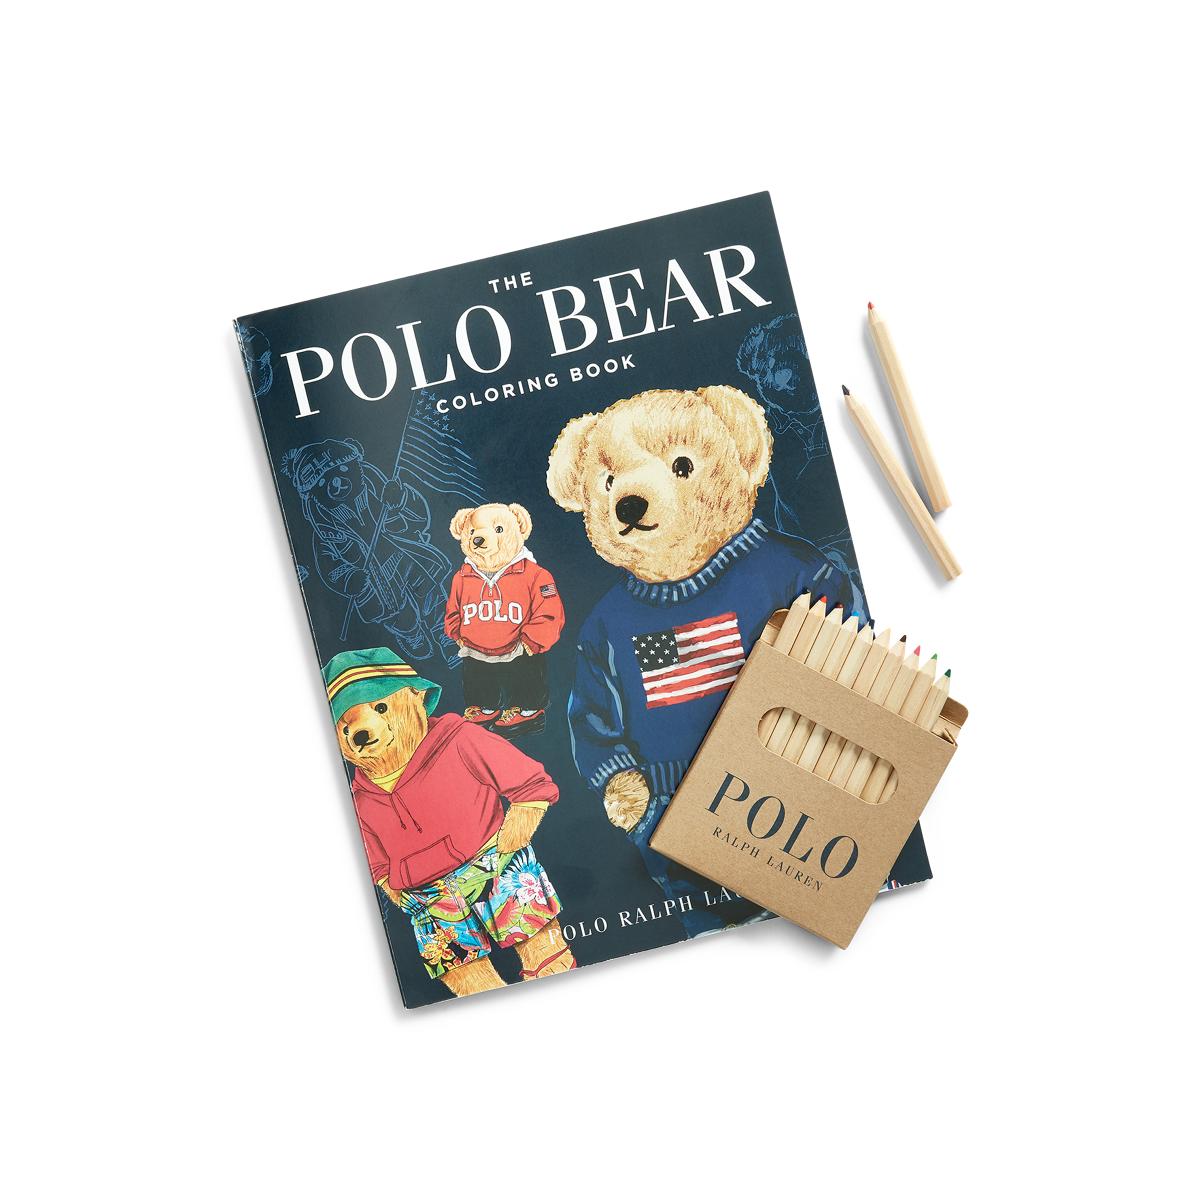 The Polo Bear Coloring Book